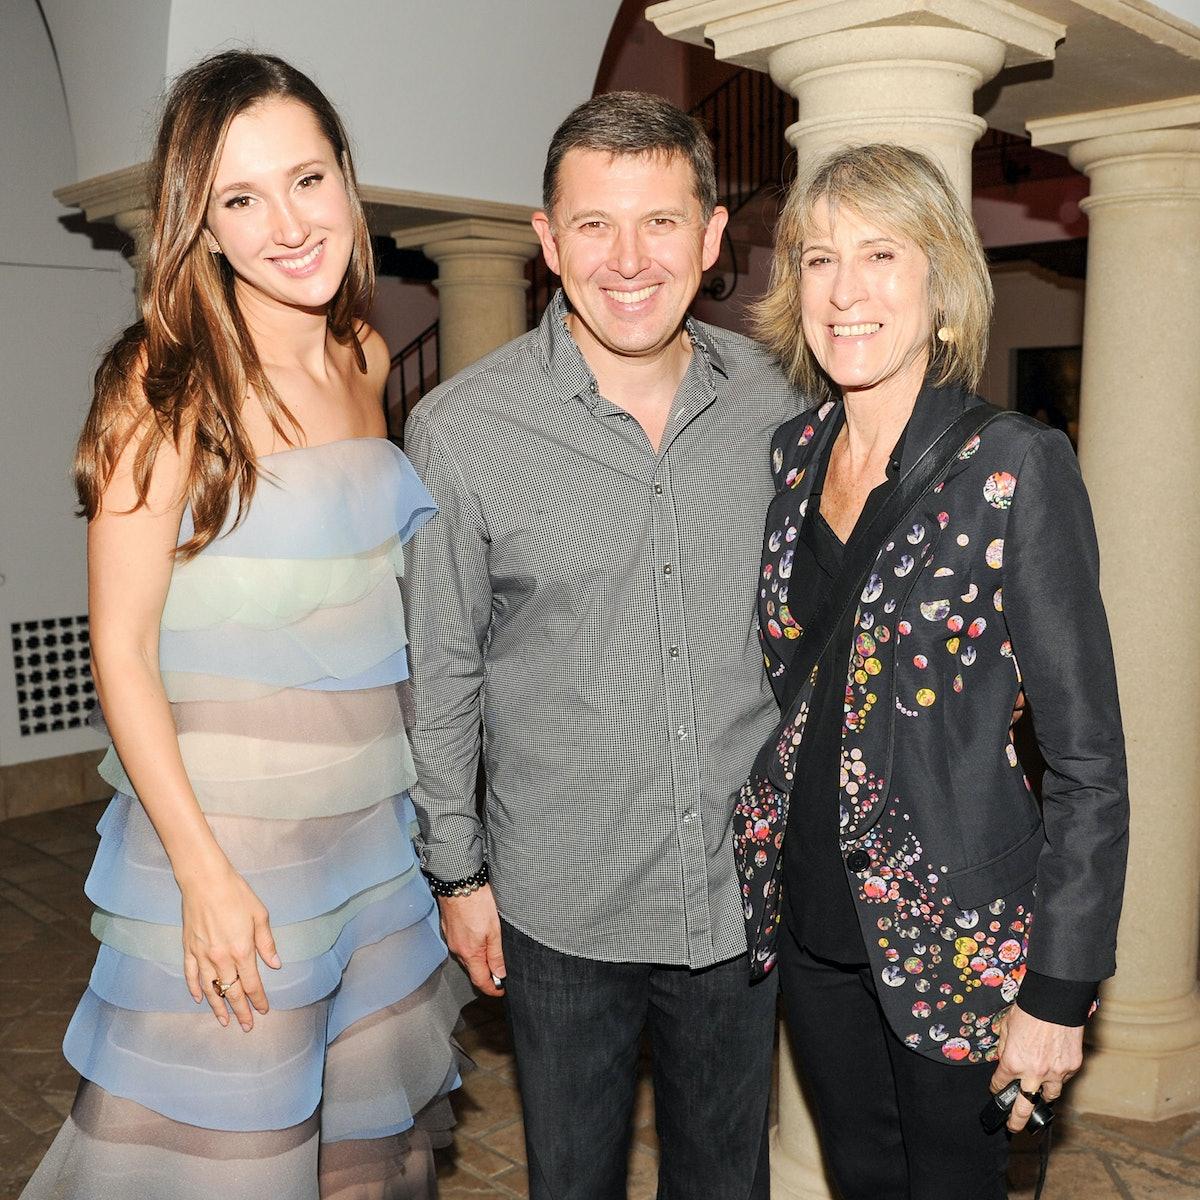 Maria Baibakova, Linda Yablonsky, and Oleg Babyakov attend Maria Baibakova's housewarming and supper...